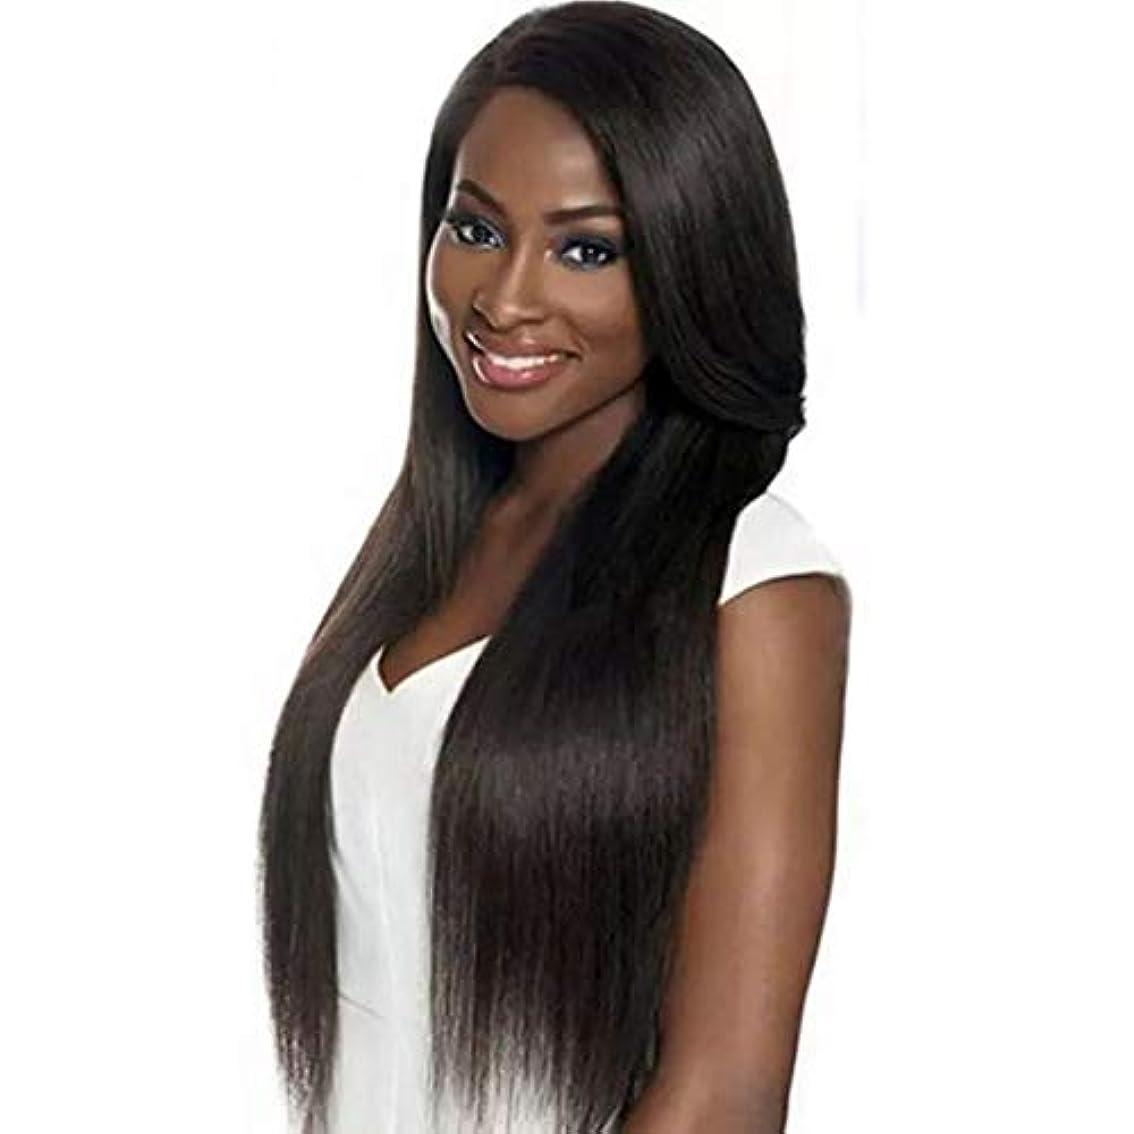 に対処する散髪虫を数えるKerwinner ウィッグレディースロングストレートストレートヘア弾性ストラップ付き快適&調節可能 (Color : Navy Brown)